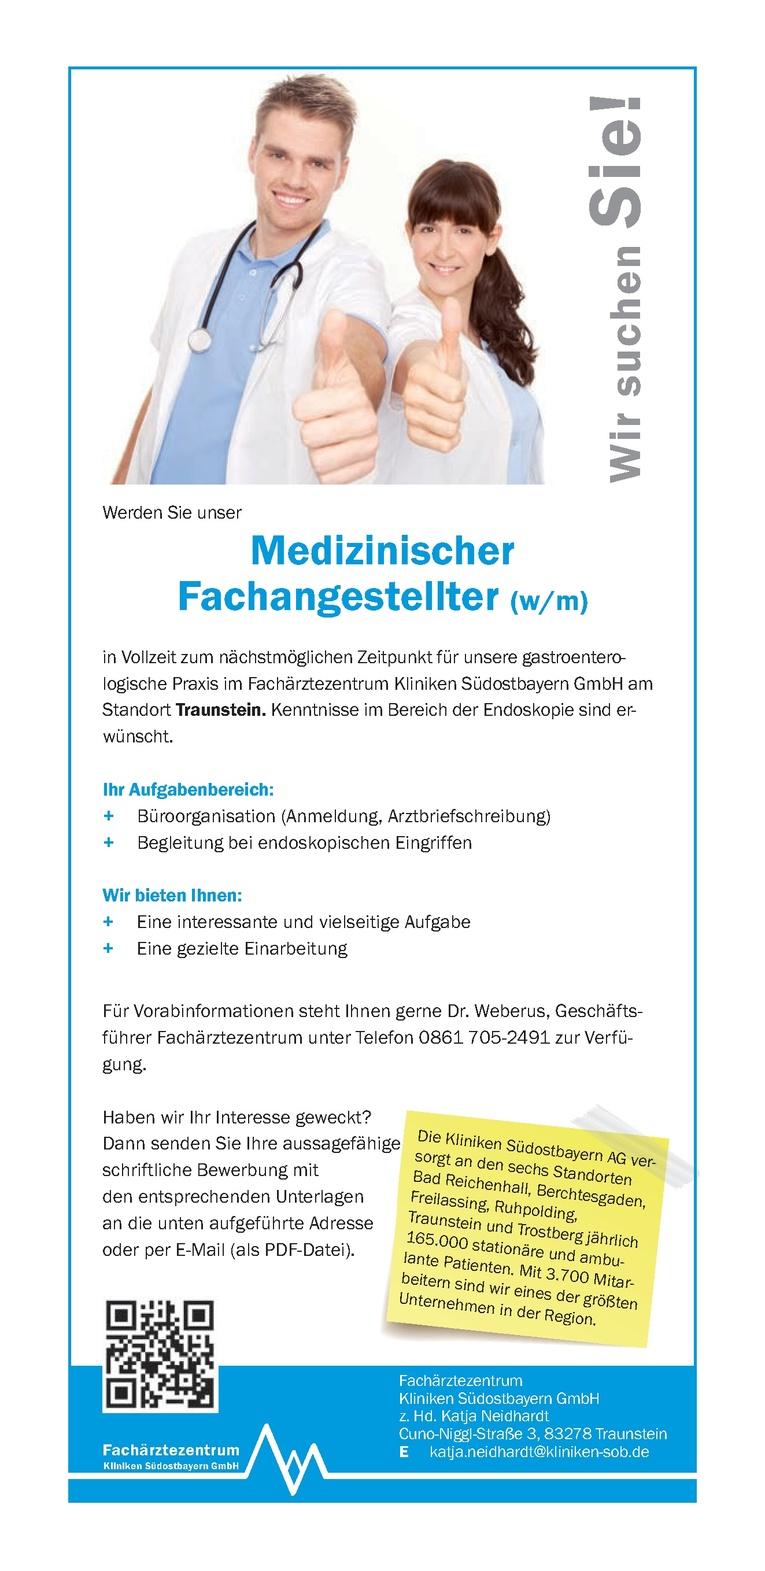 Medizinischer Fachangestellter (w/m)